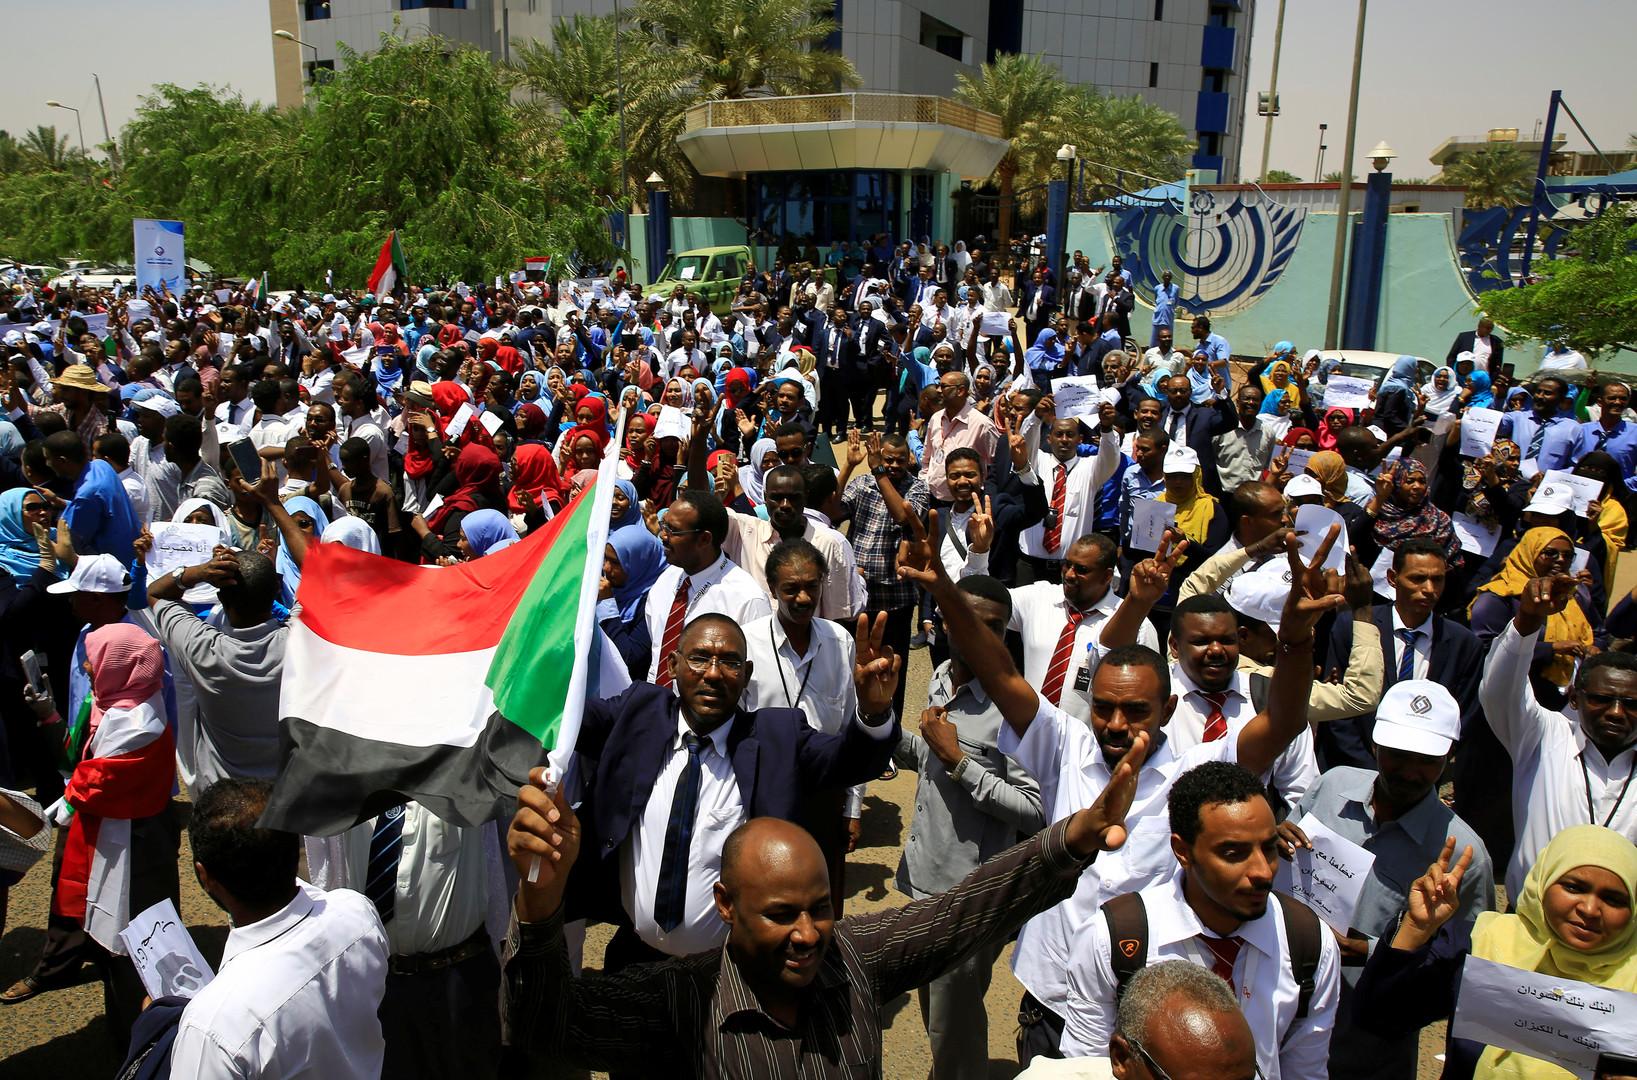 المفوضية الأوروبية تدعو لتسليم السلطة للمدنيين في السودان